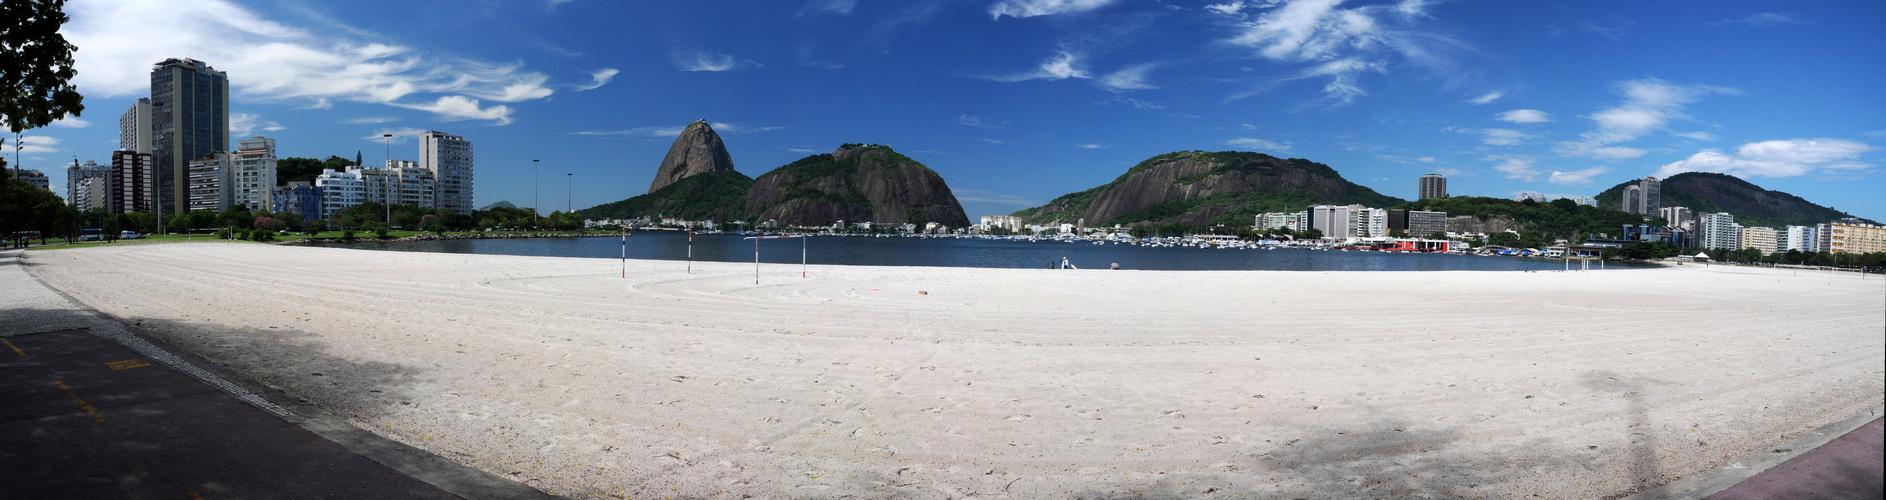 Praia von Botafogo mit Zuckerhut